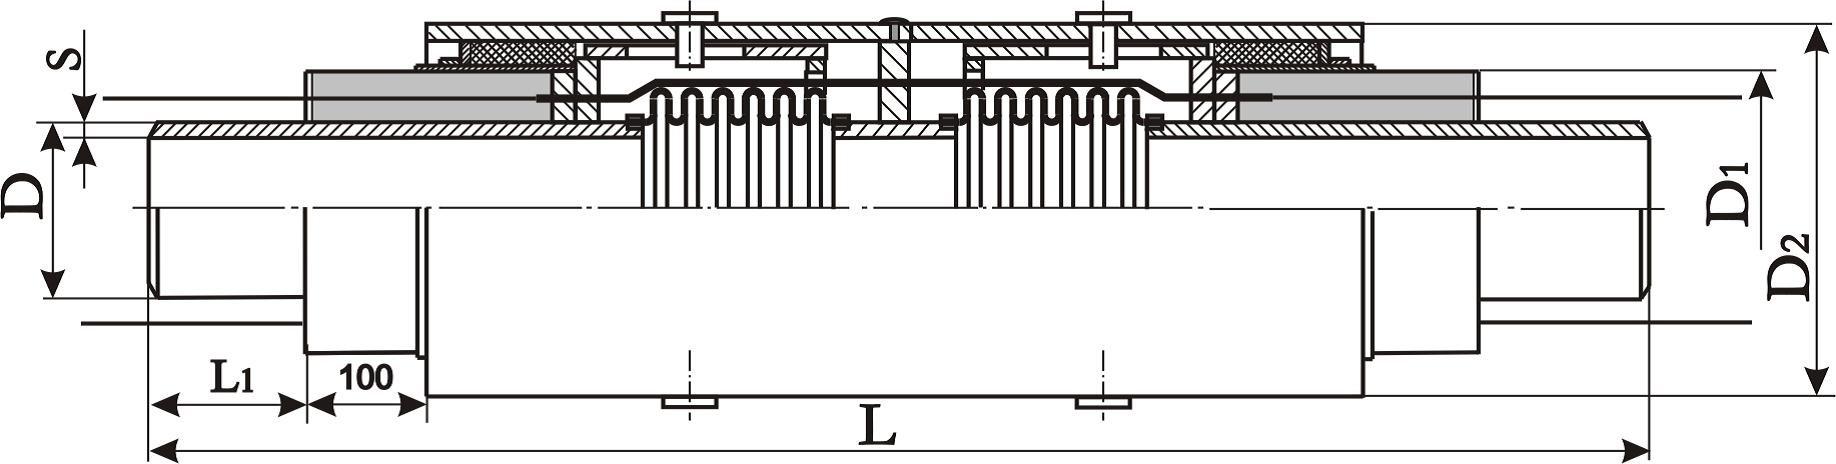 конструкция сильфонного компенсаторы